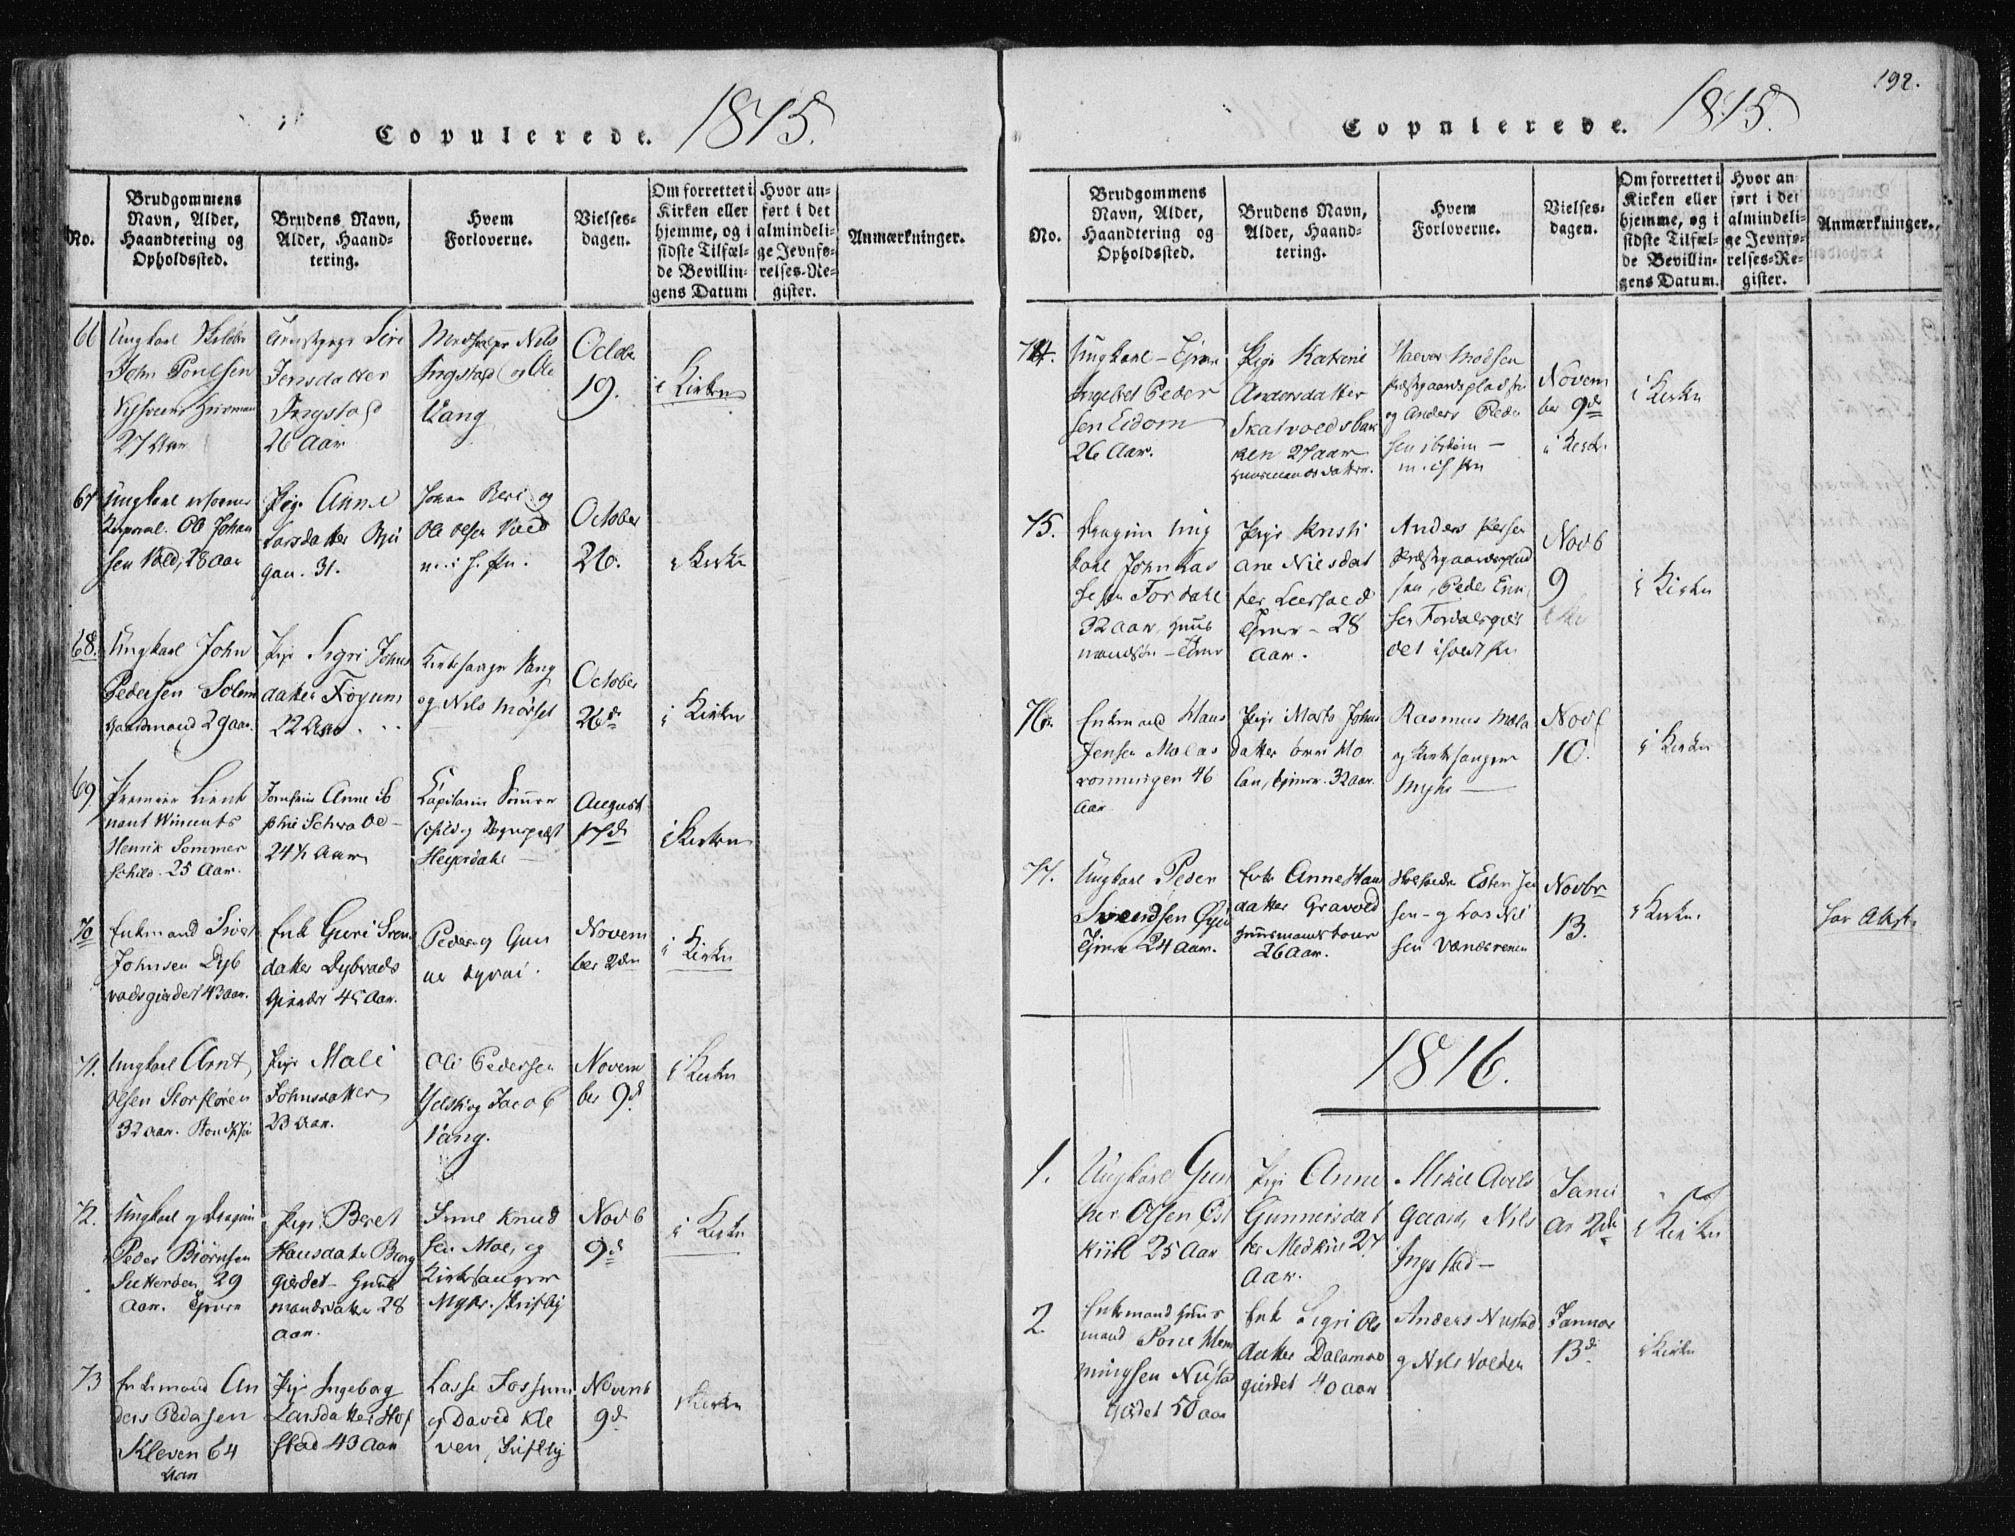 SAT, Ministerialprotokoller, klokkerbøker og fødselsregistre - Nord-Trøndelag, 709/L0061: Ministerialbok nr. 709A08 /1, 1815-1819, s. 192